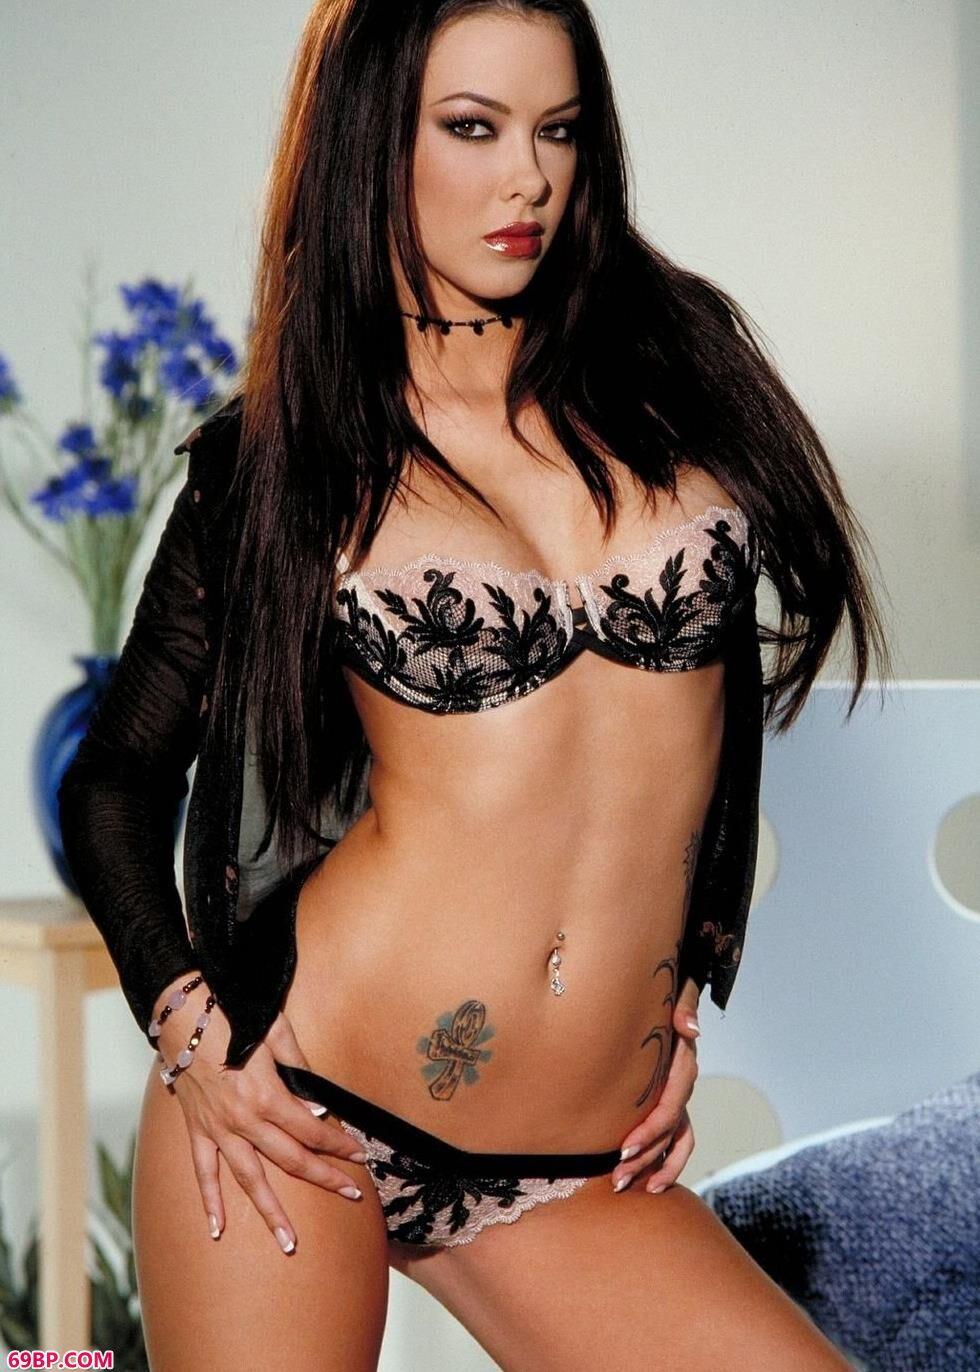 超模Natalia房间内的美丽人体